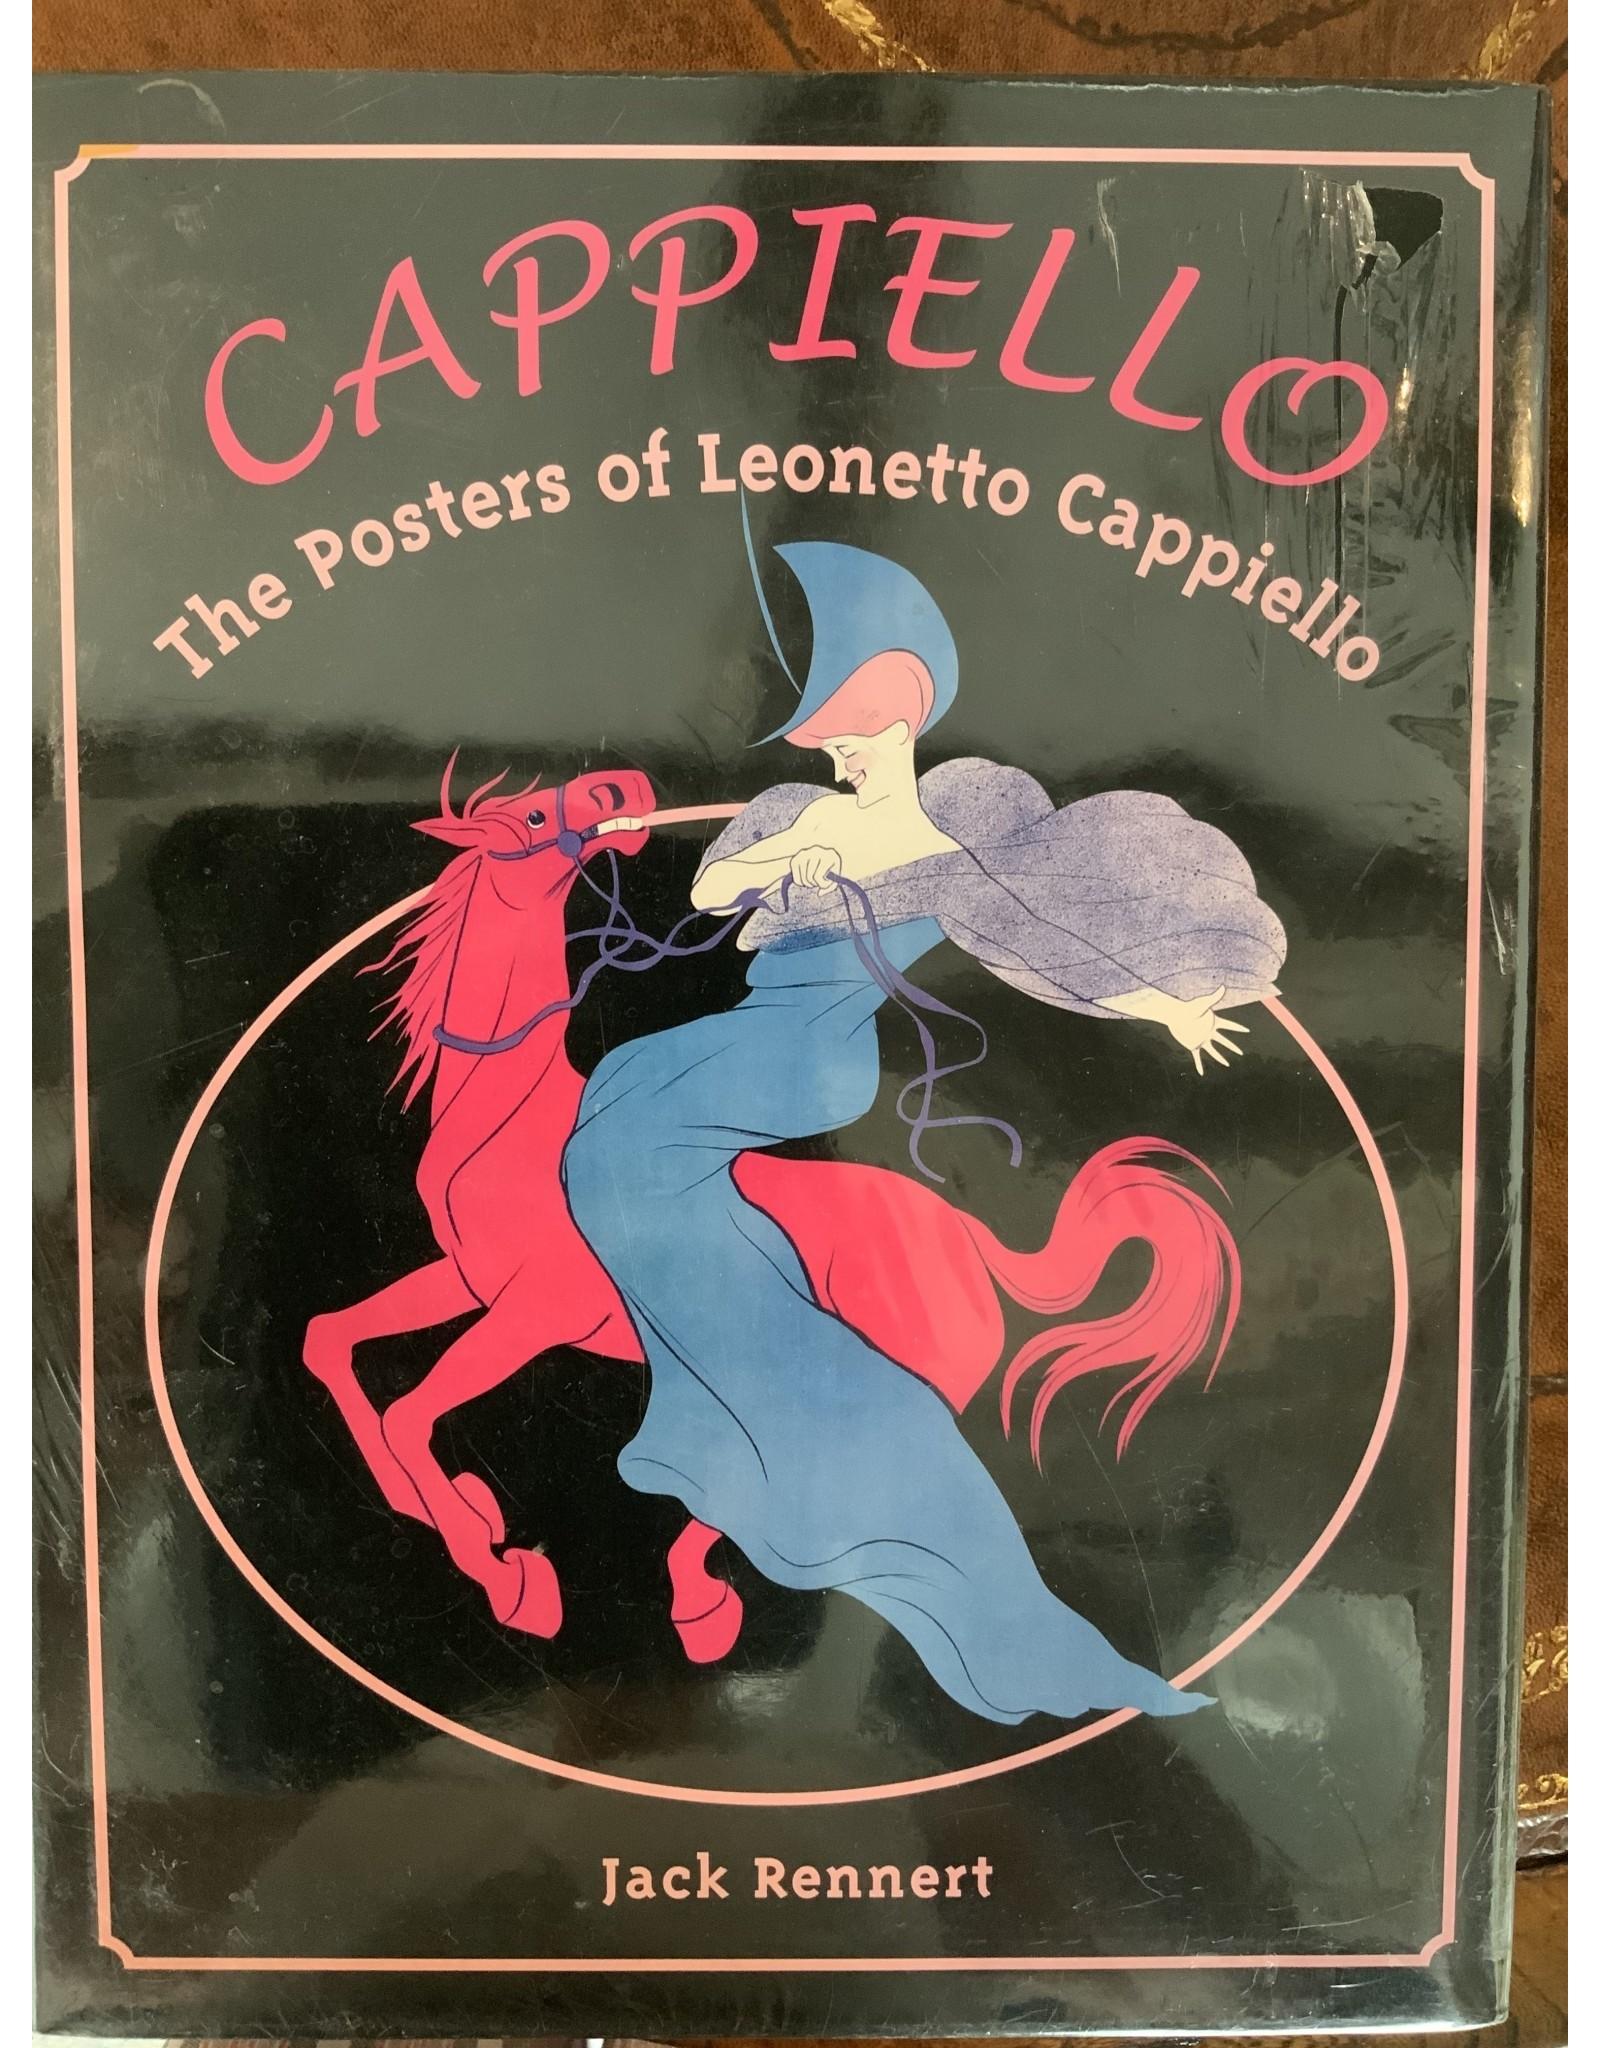 SPV Poster book of Leonetto Cappiello